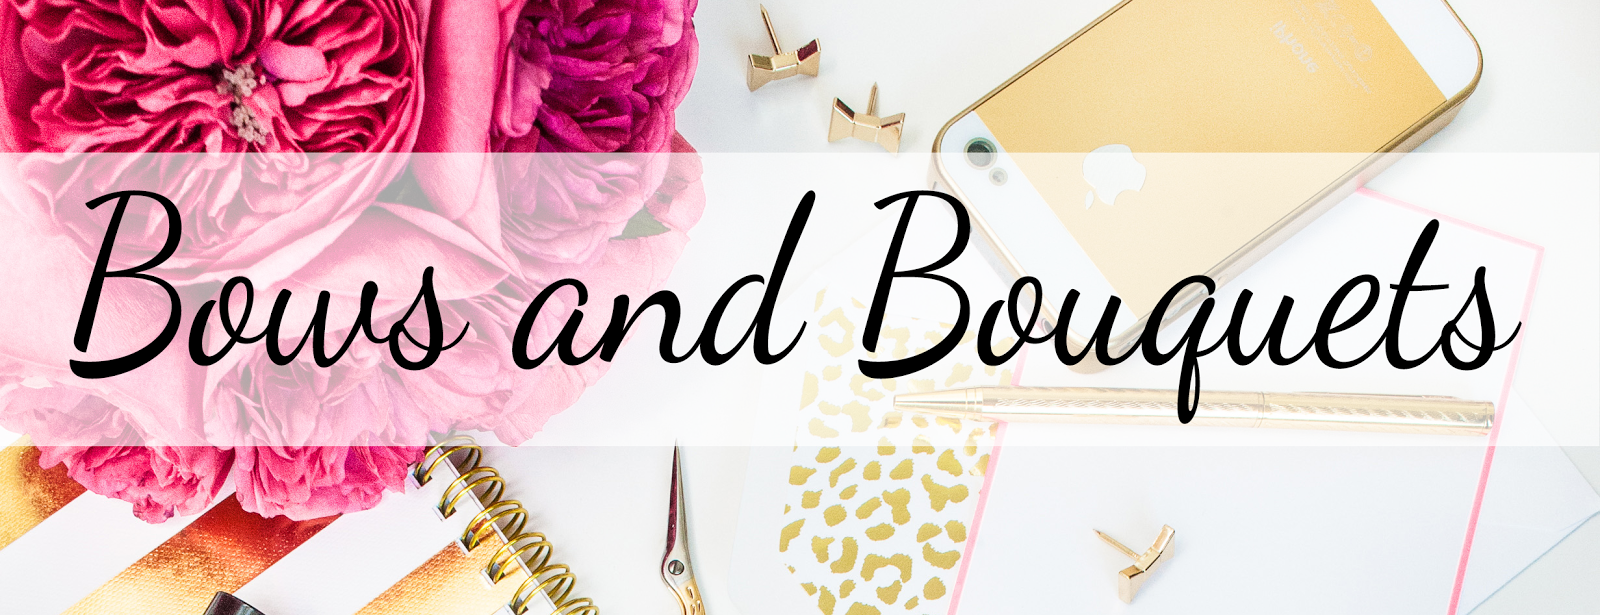 Bows & Bouquets